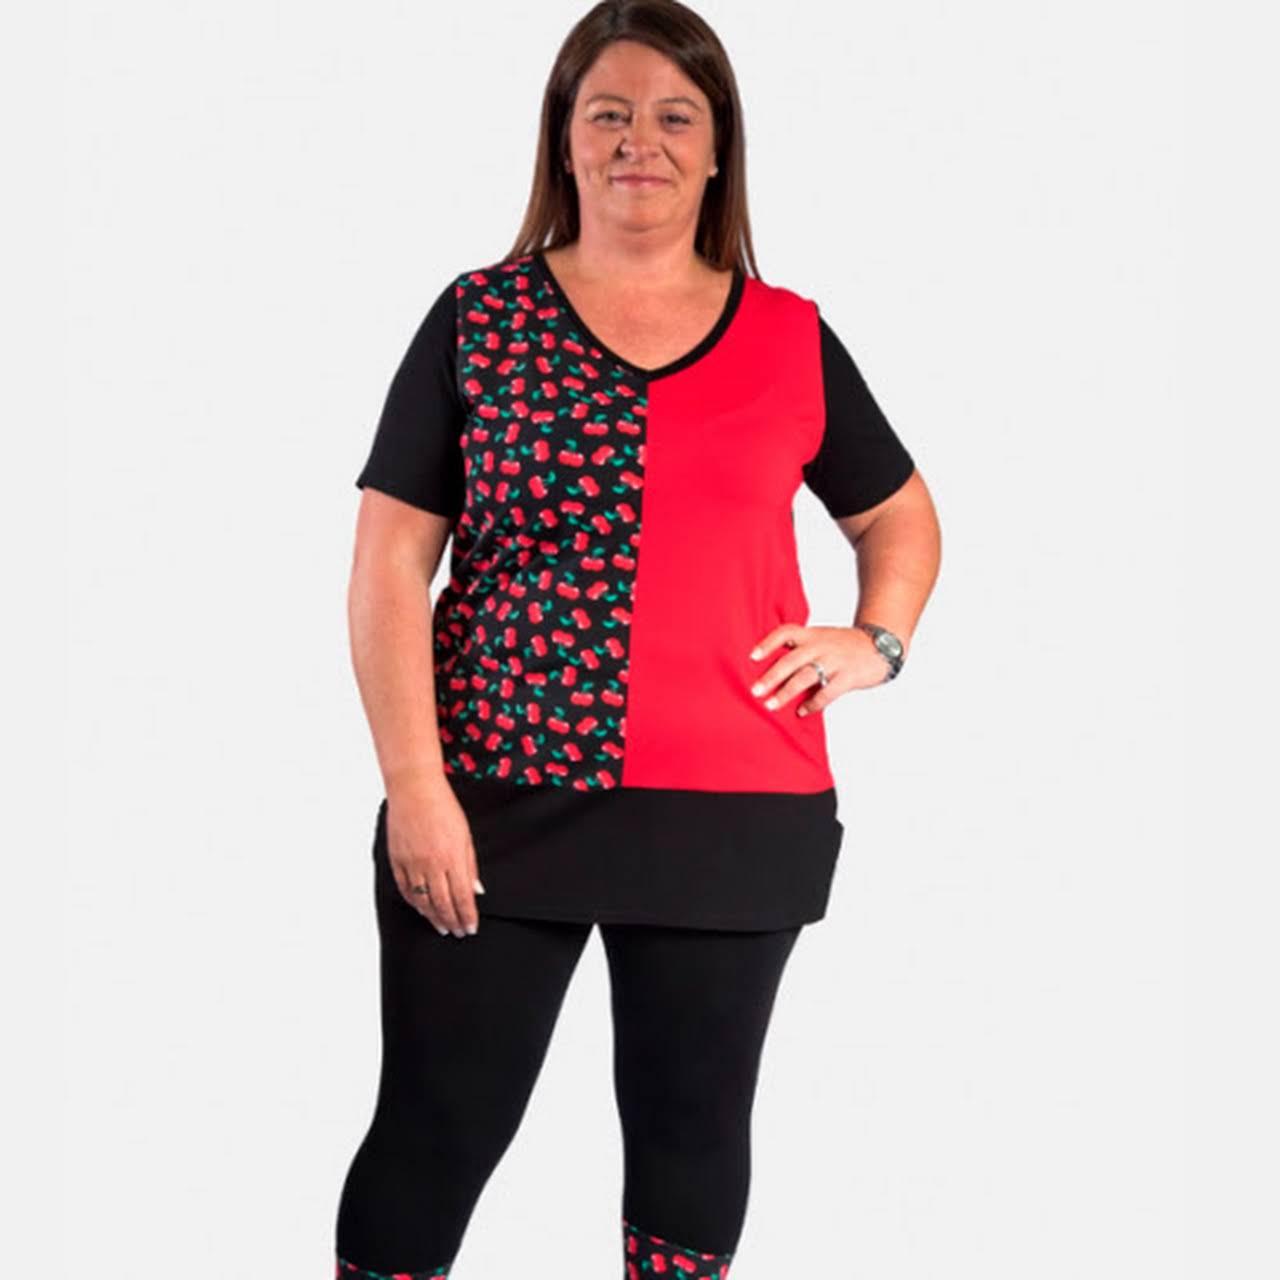 fa82bfa7b324 Tienda Ropa TALLAS GRANDES Angela Cufi - Tienda De Tallas Grandes en ...